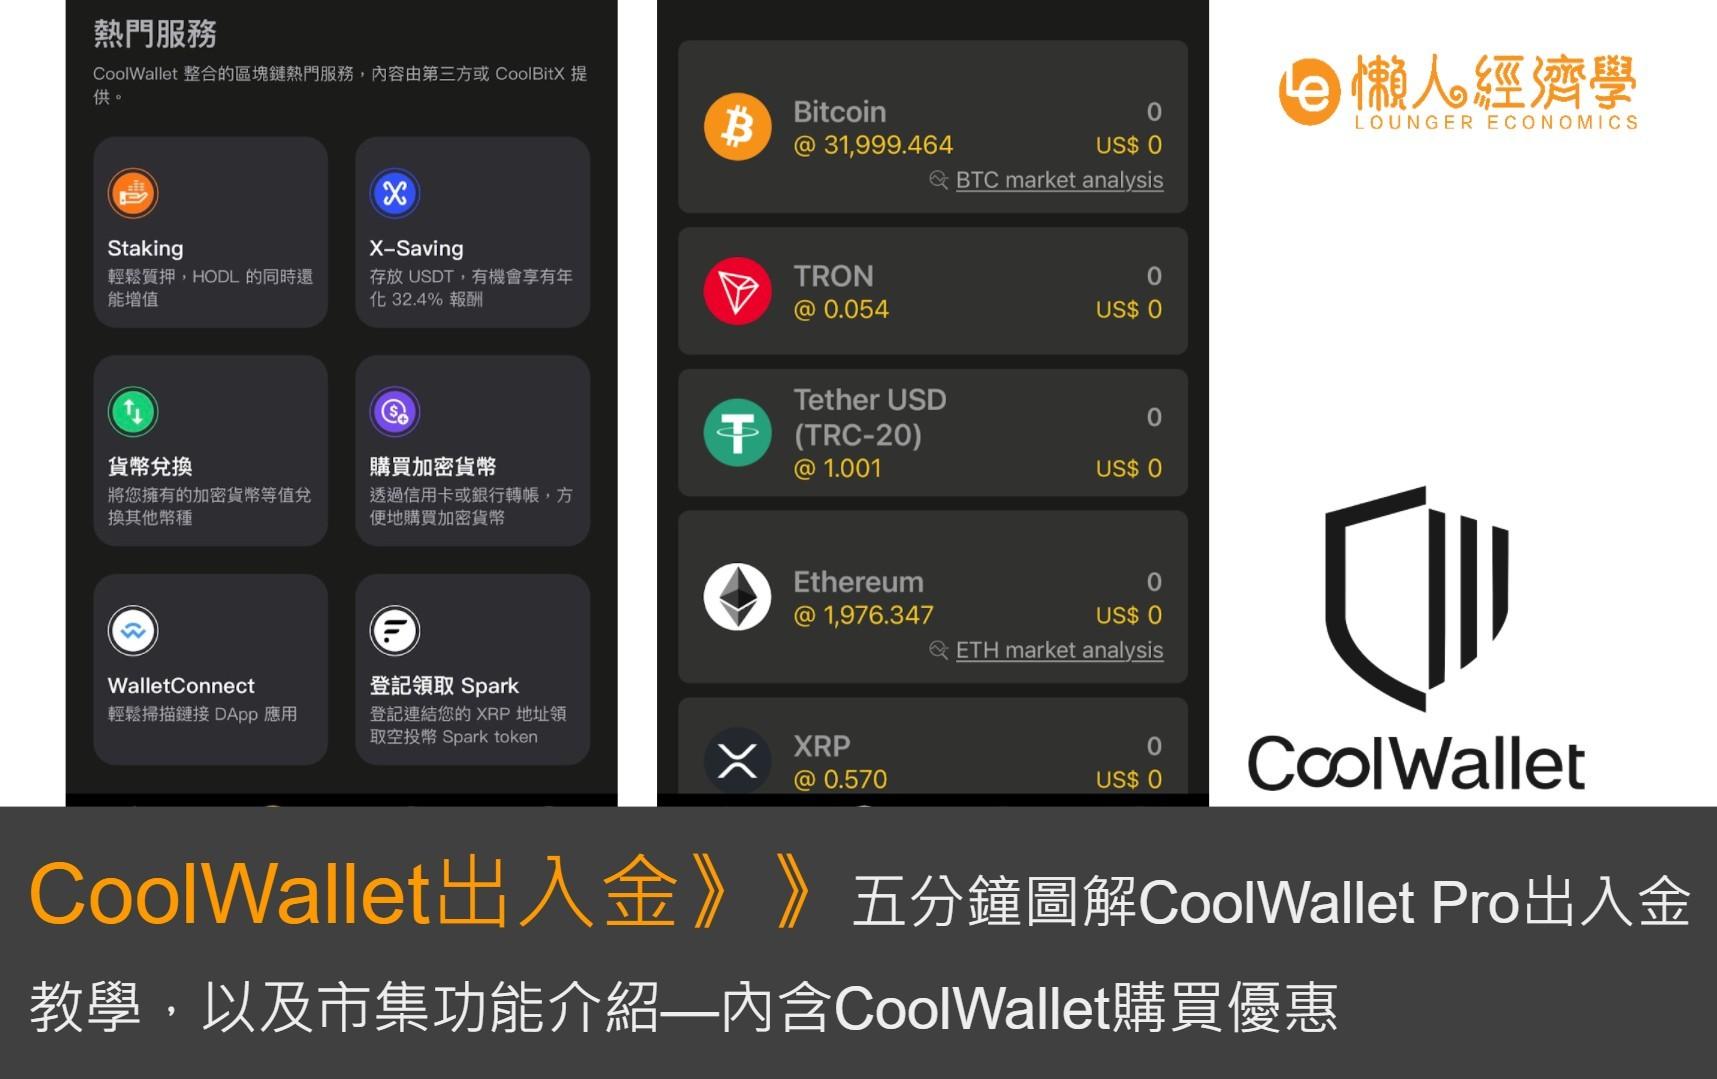 CoolWallet出入金教學:五分鐘圖解CoolWallet Pro出入金教學,以及市集功能介紹—內含CoolWallet購買優惠